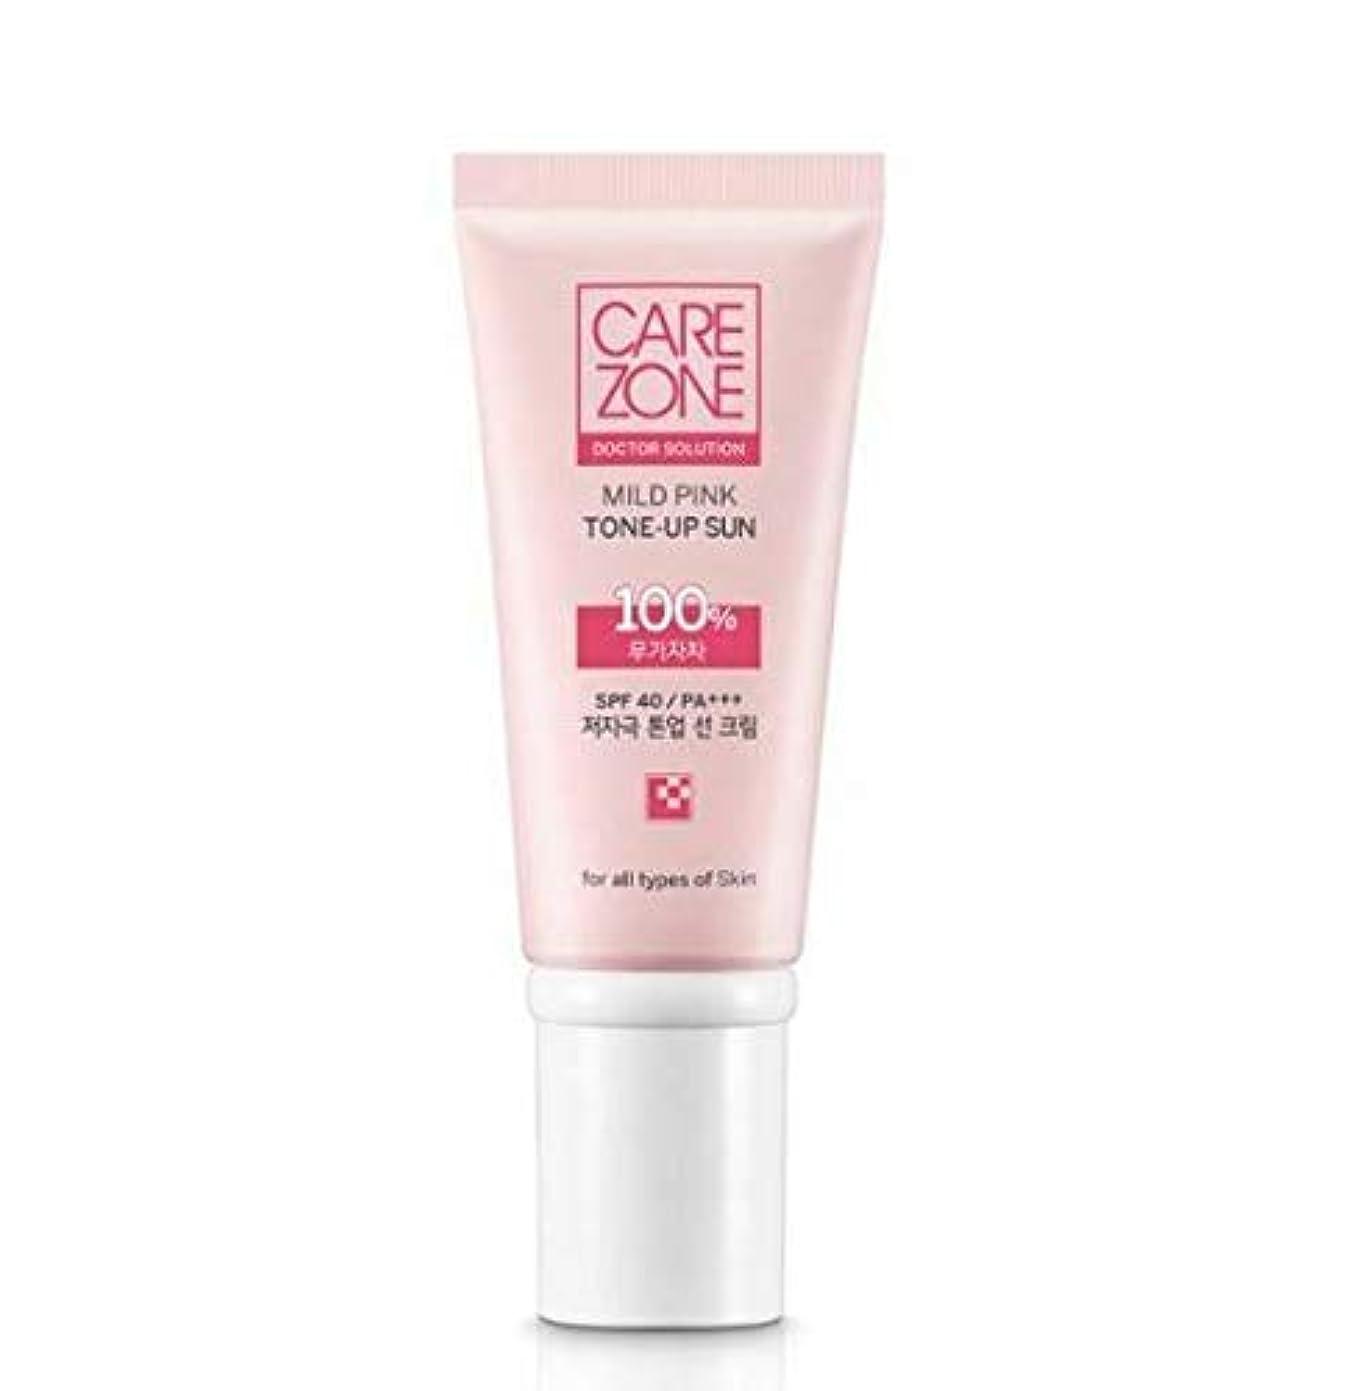 ノミネートオープナー添加剤ケアゾーン CAREZONE Doctor Solution マイルドピンクトーンアップサン 50ml SPF40/PA+++ Mild Pink Tone-Up Sun